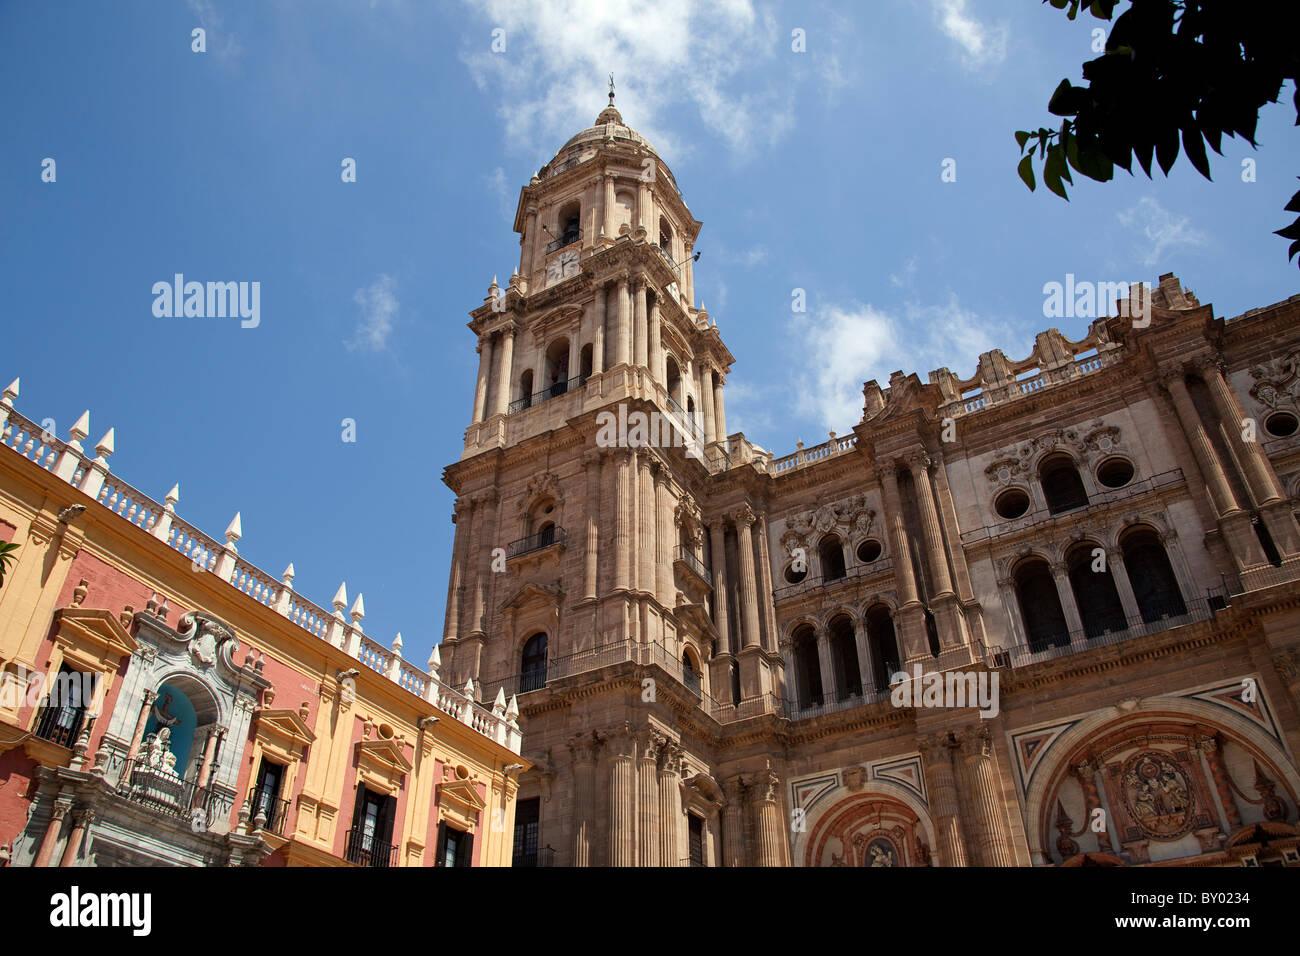 Palacio Episcopal y Catedral Málaga Andalucía España Episcopal Palace and Cathedral Andalusia Spain - Stock Image